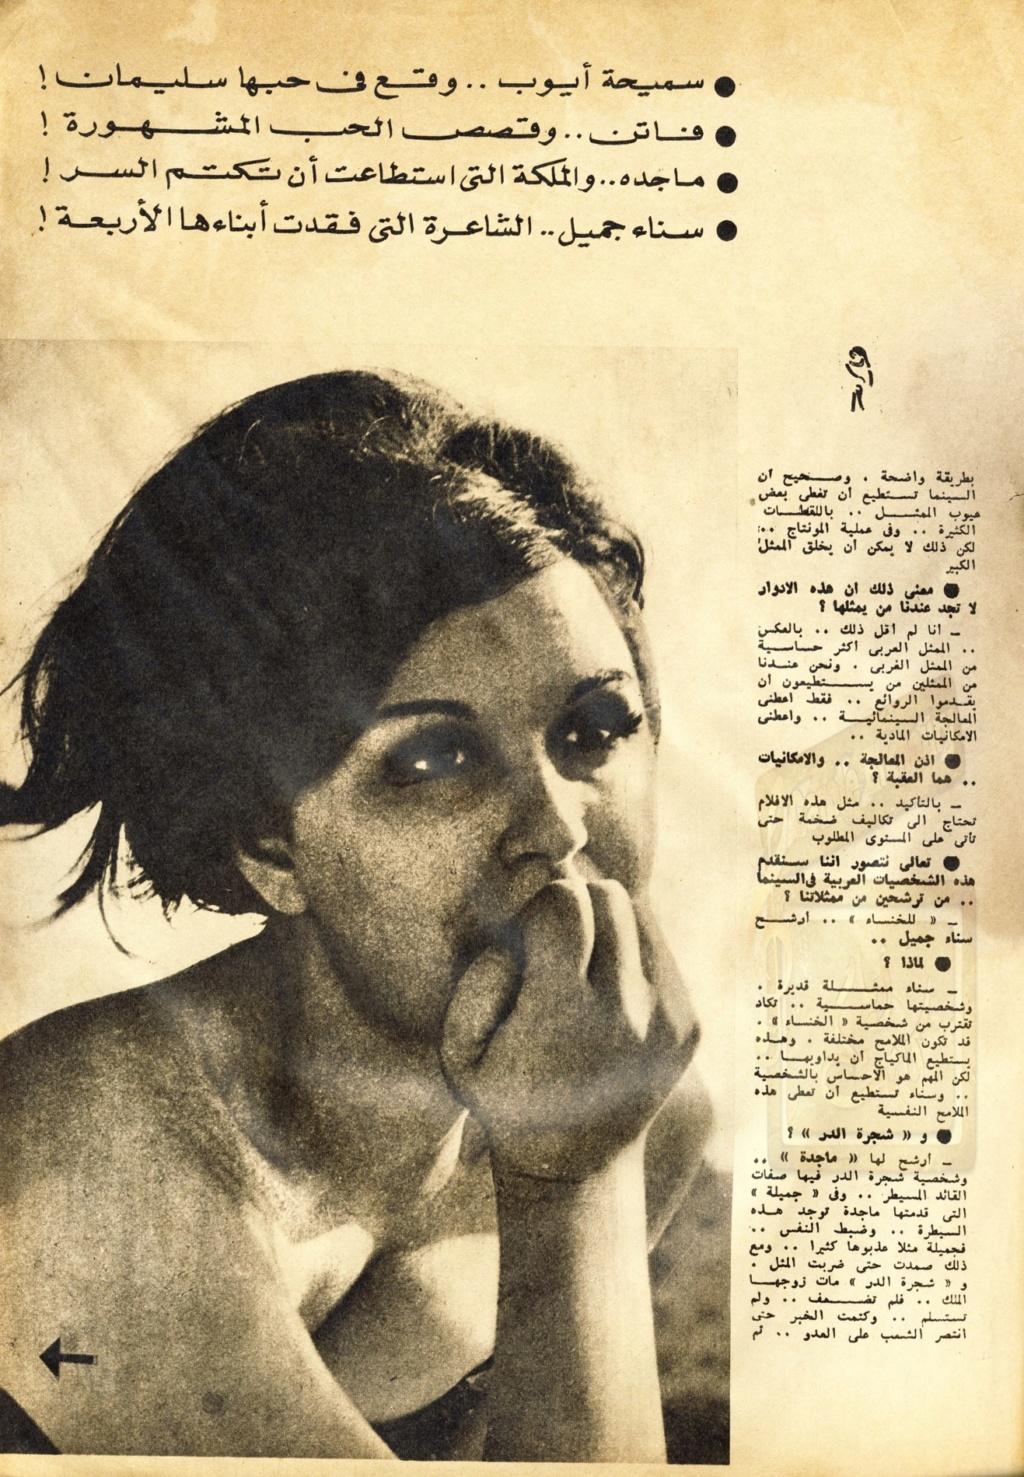 حوار صحفي : 9 وجوه .. لسعاد حسني ! 1966 م 332